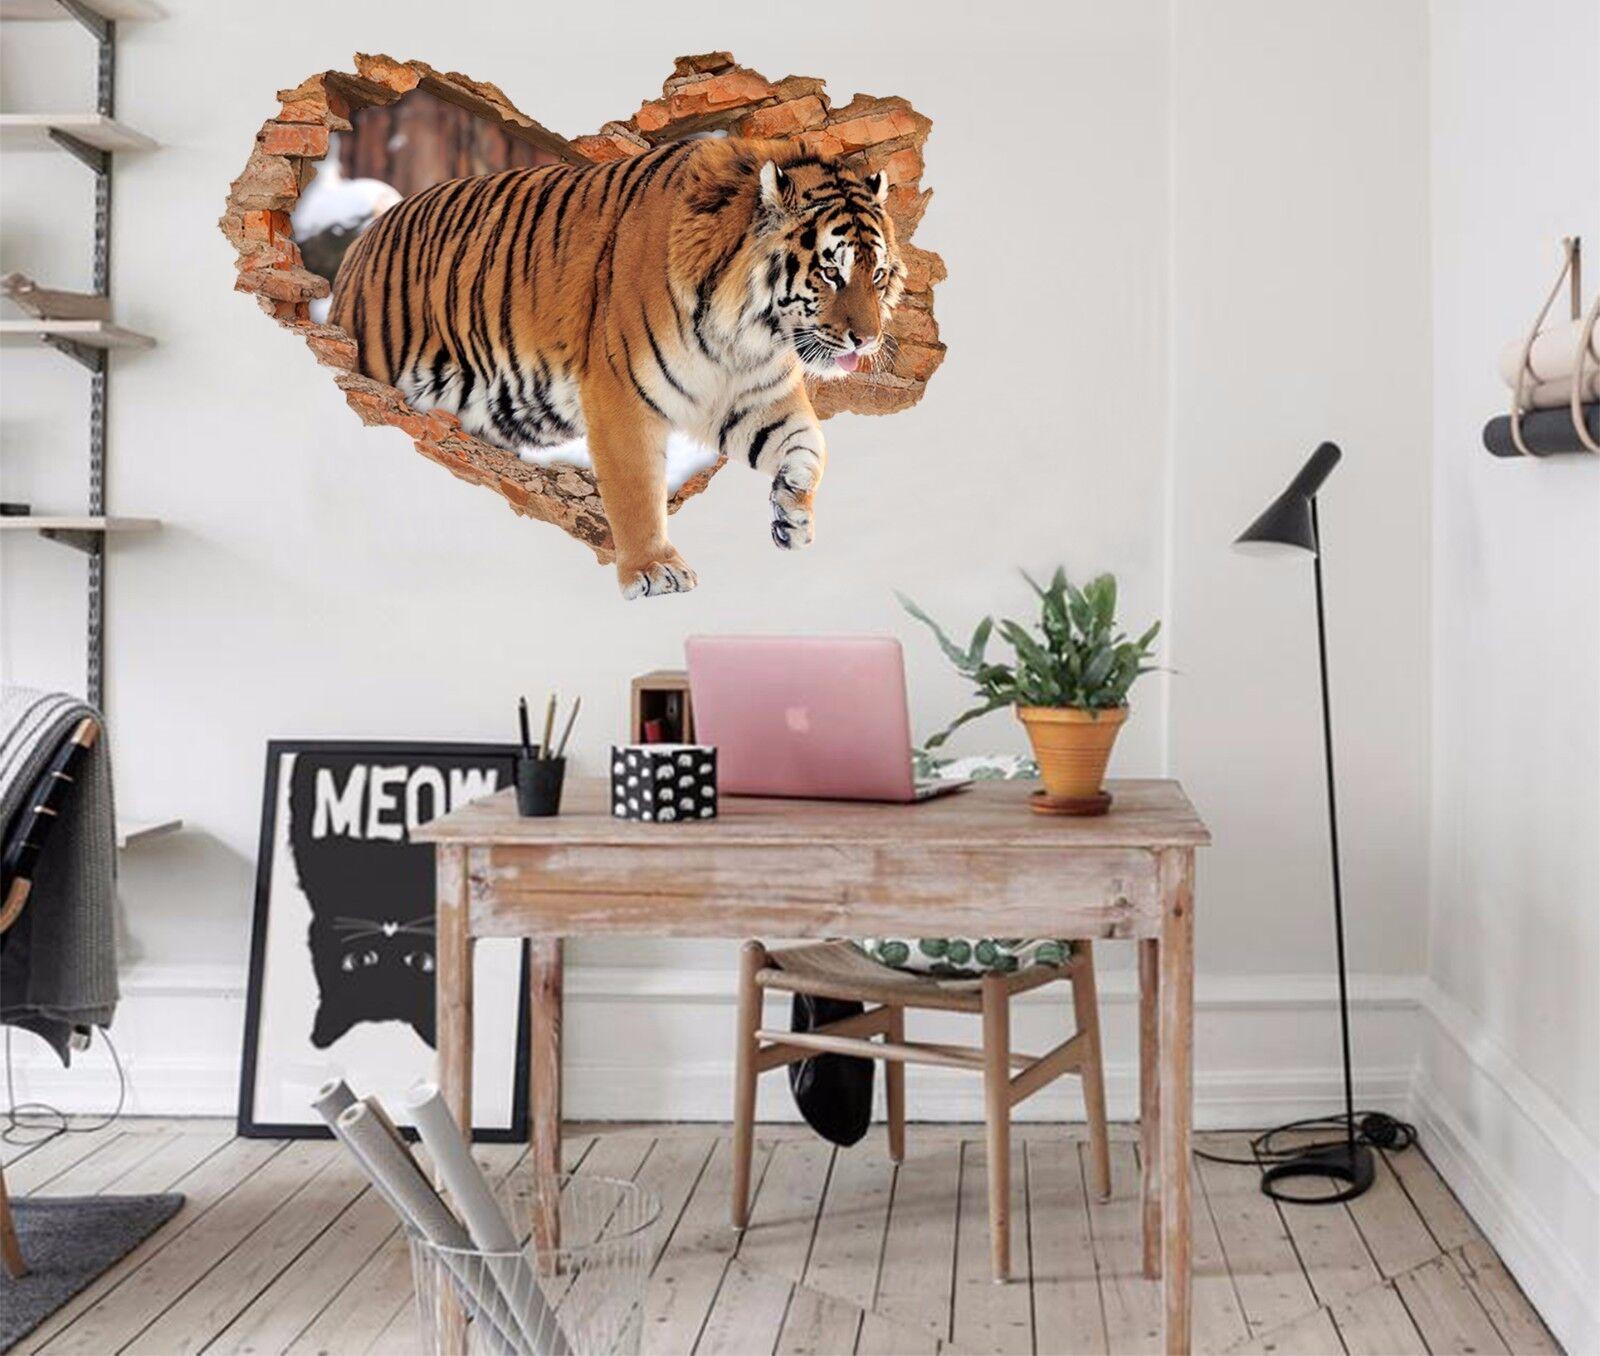 3D Tiger Mauer 723 Mauer Murals Mauer Aufklebe Decal Durchbruch AJ WALL DE Kyra